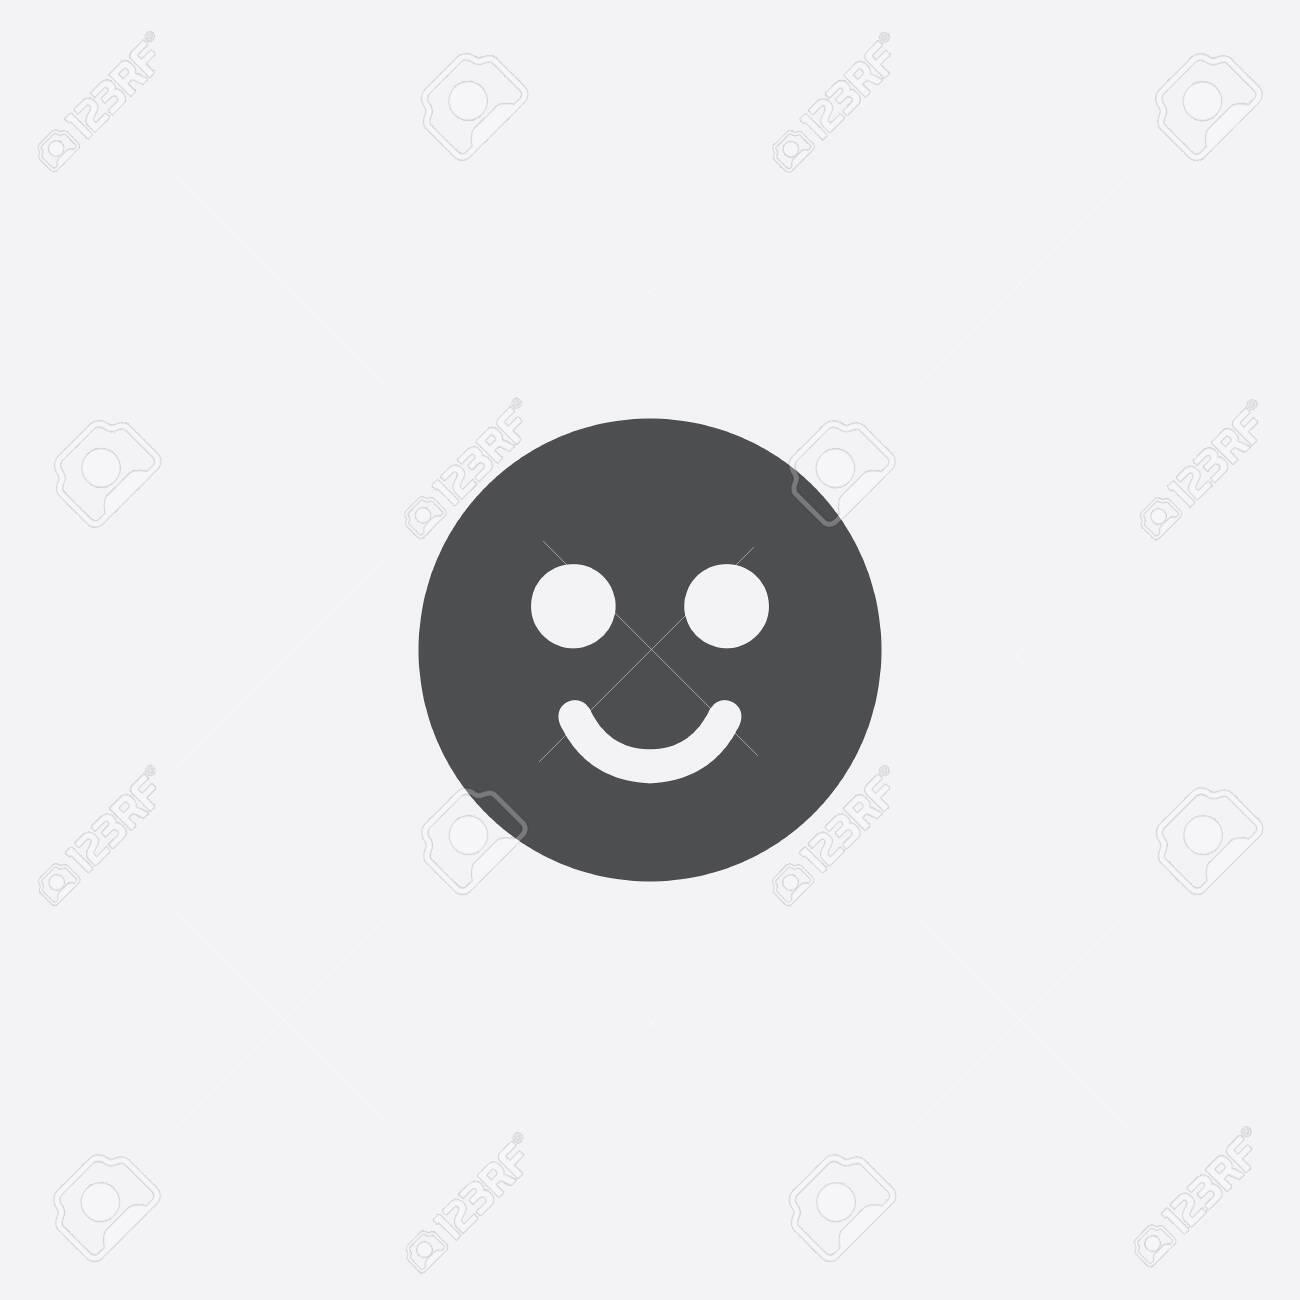 smile icon - 143431842